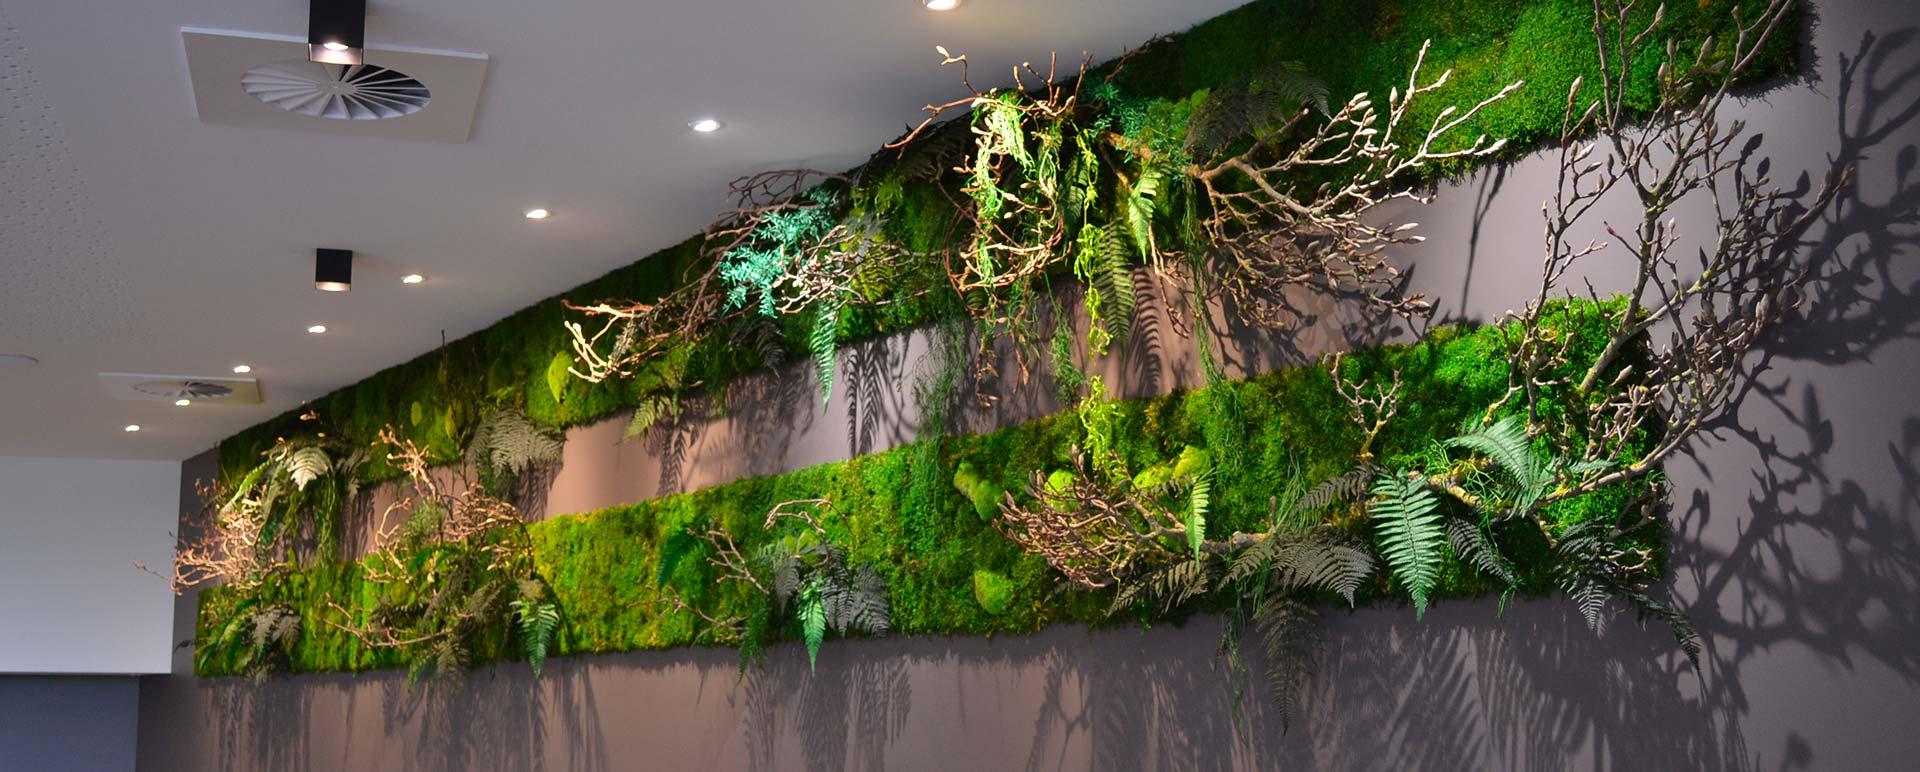 Murs végétaux en entreprise